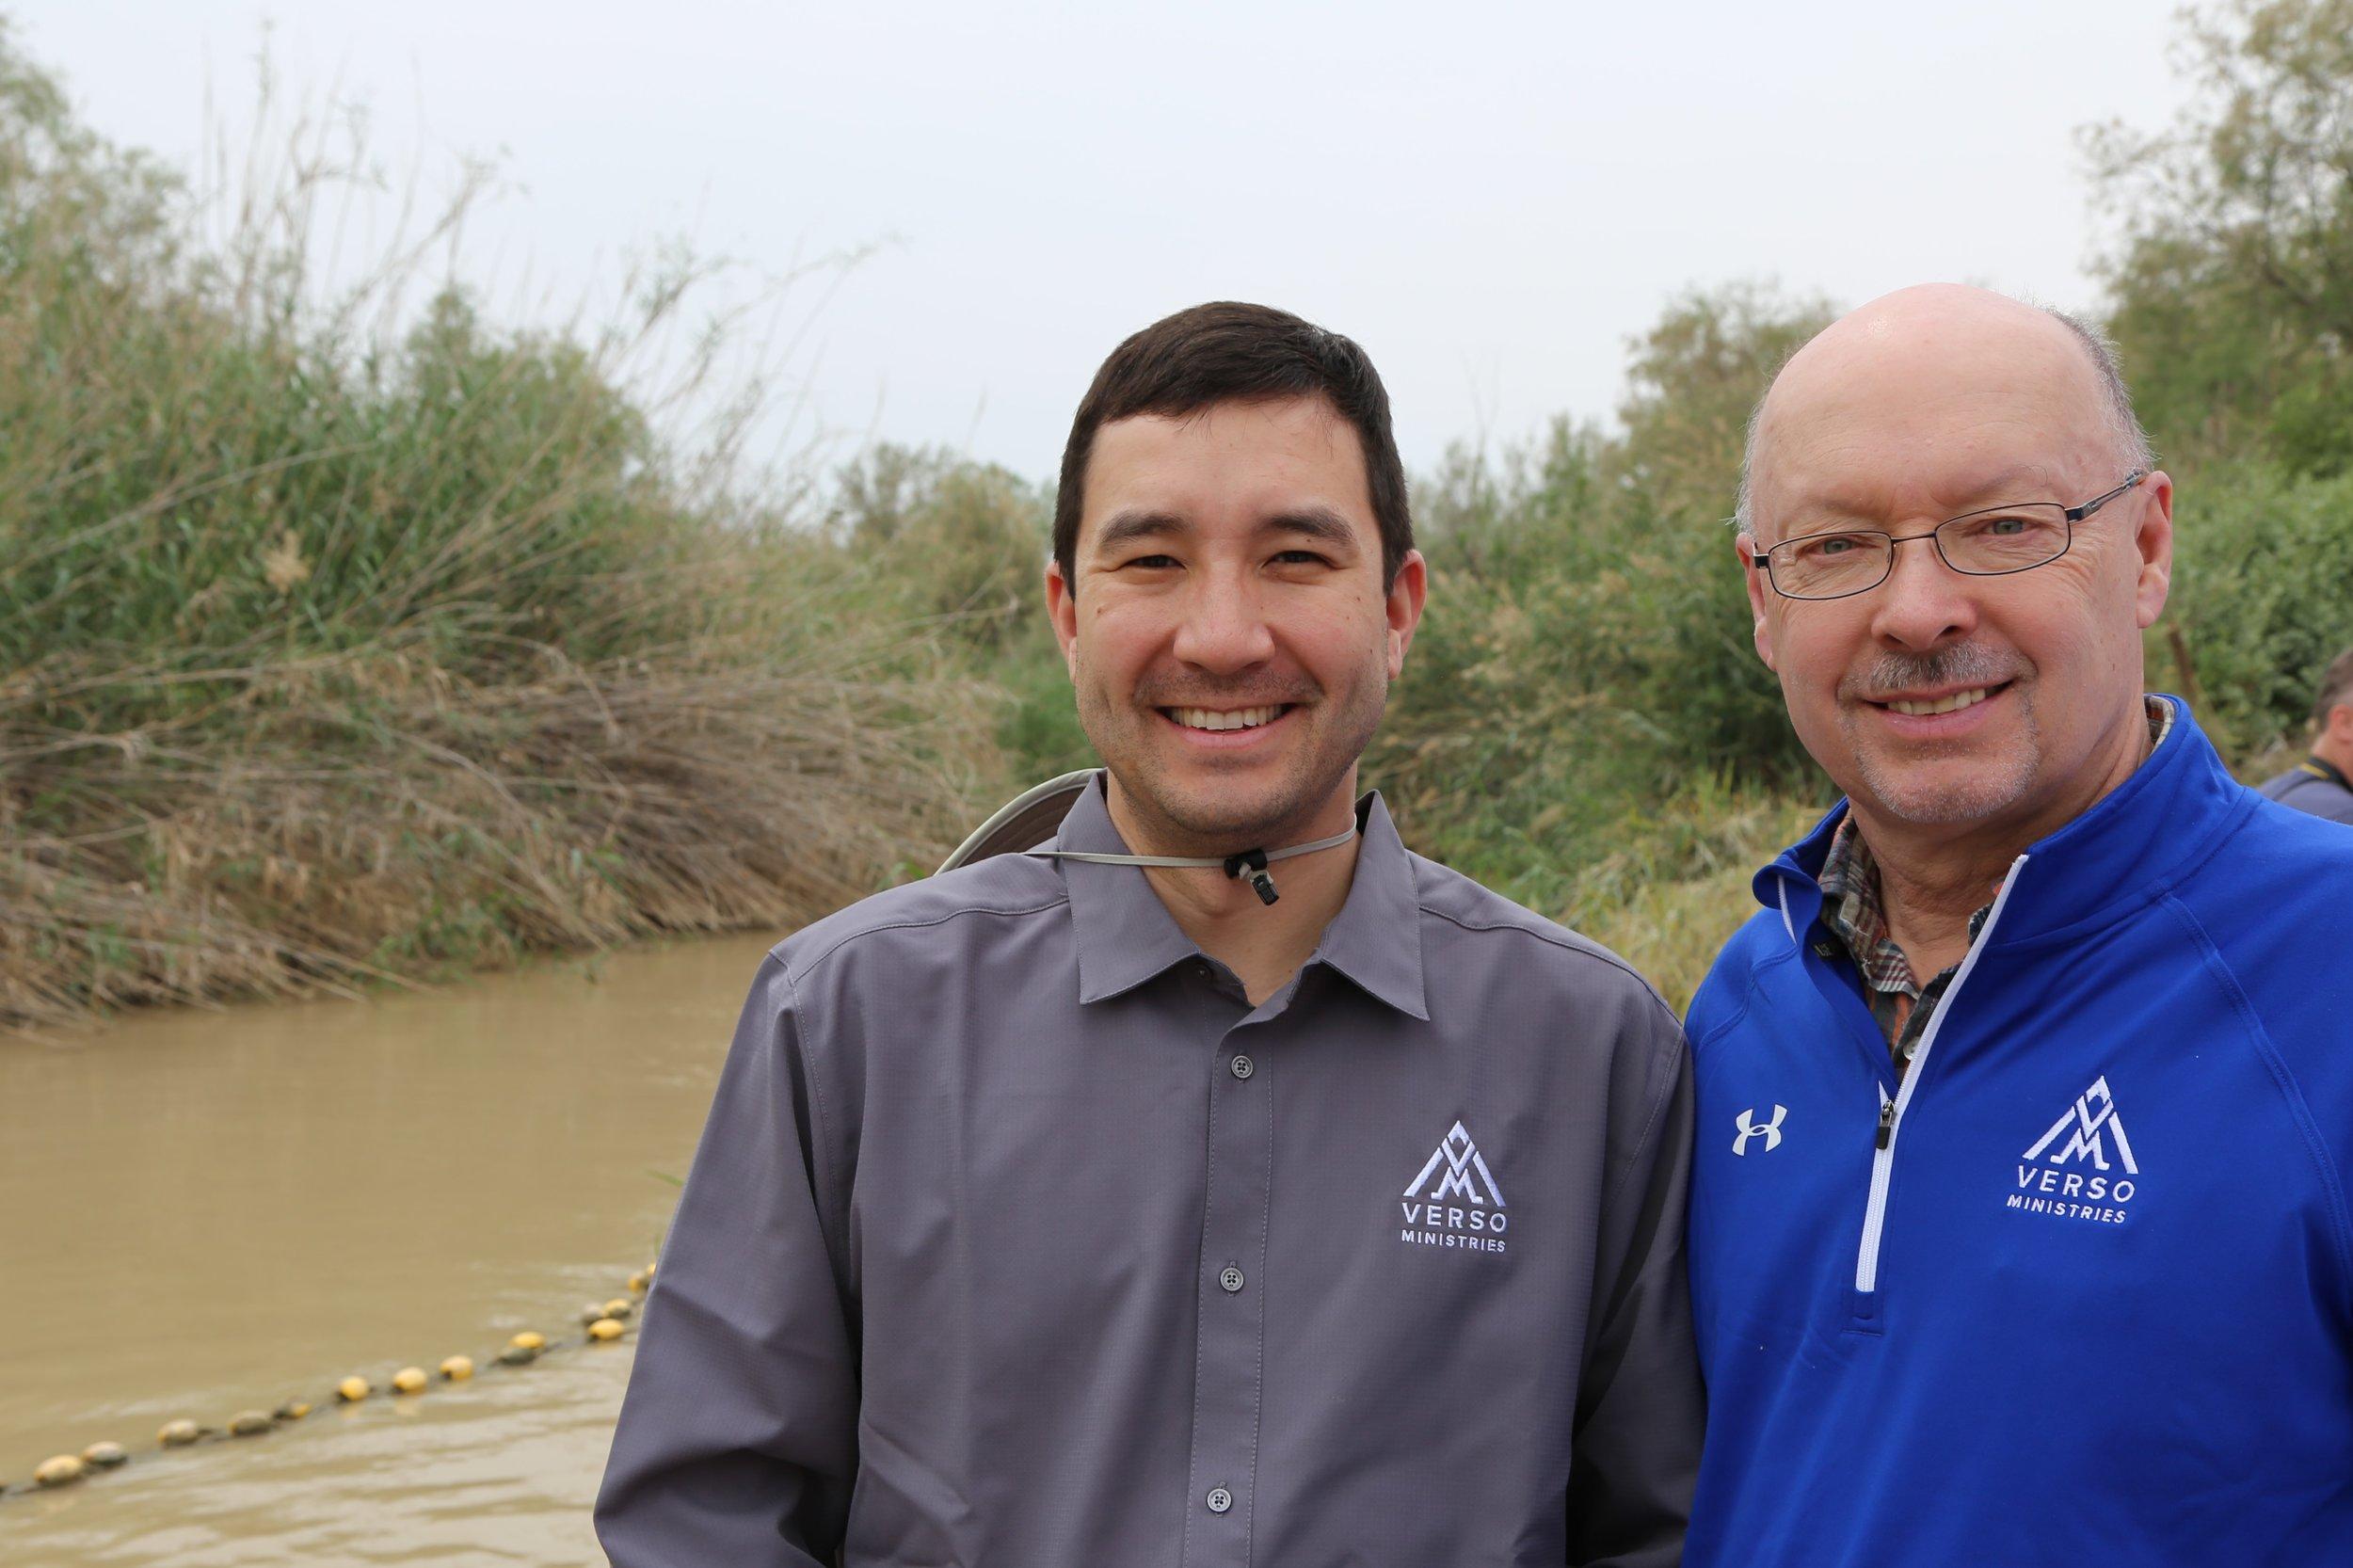 Me and my dad at the Jordan River.